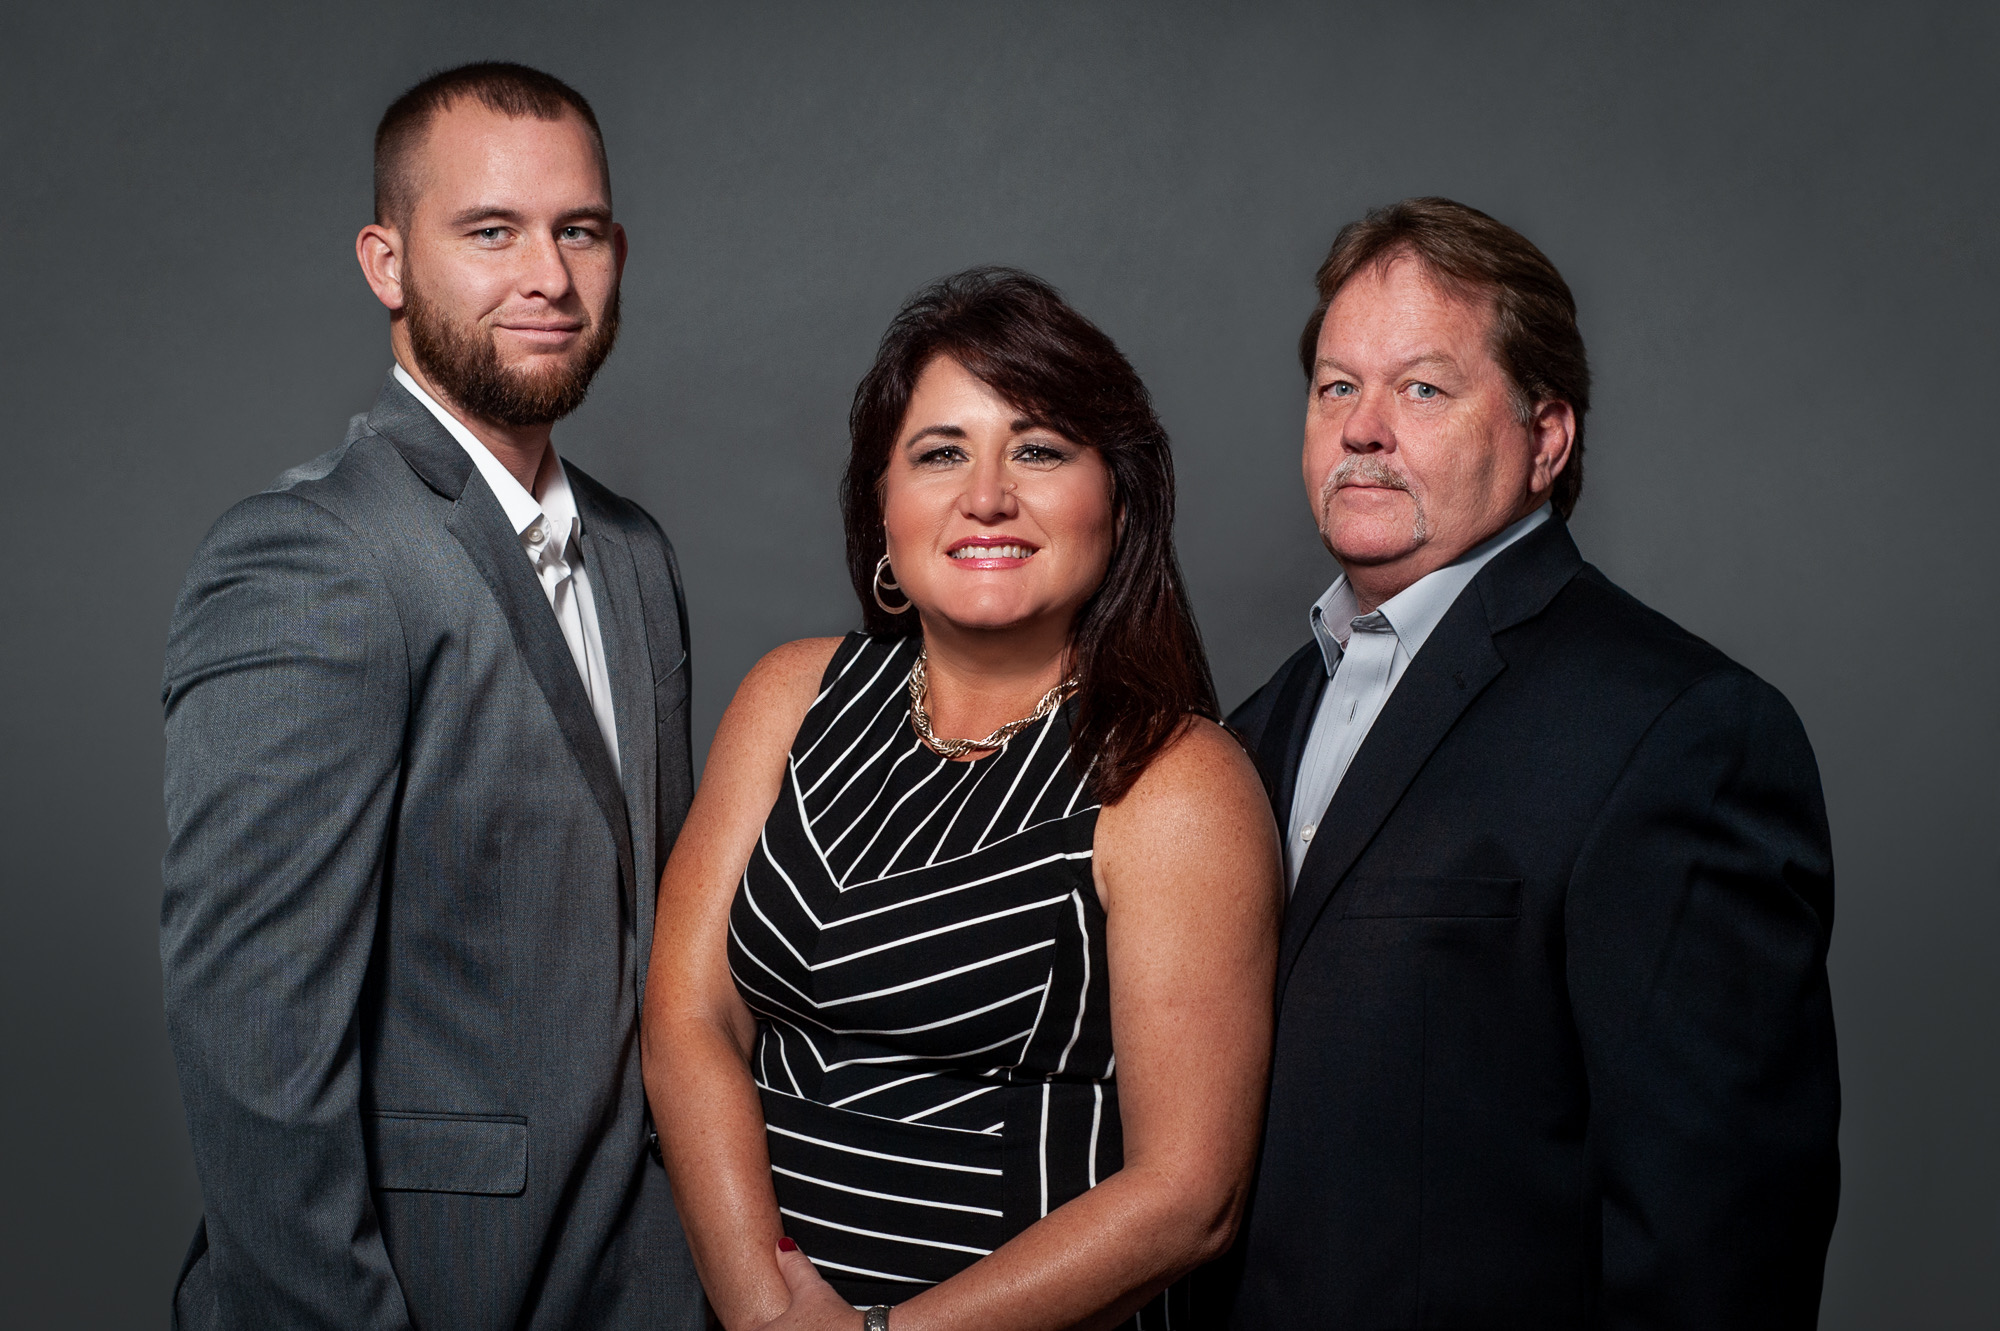 Sharon L. Bennett -The TeamBennett Group